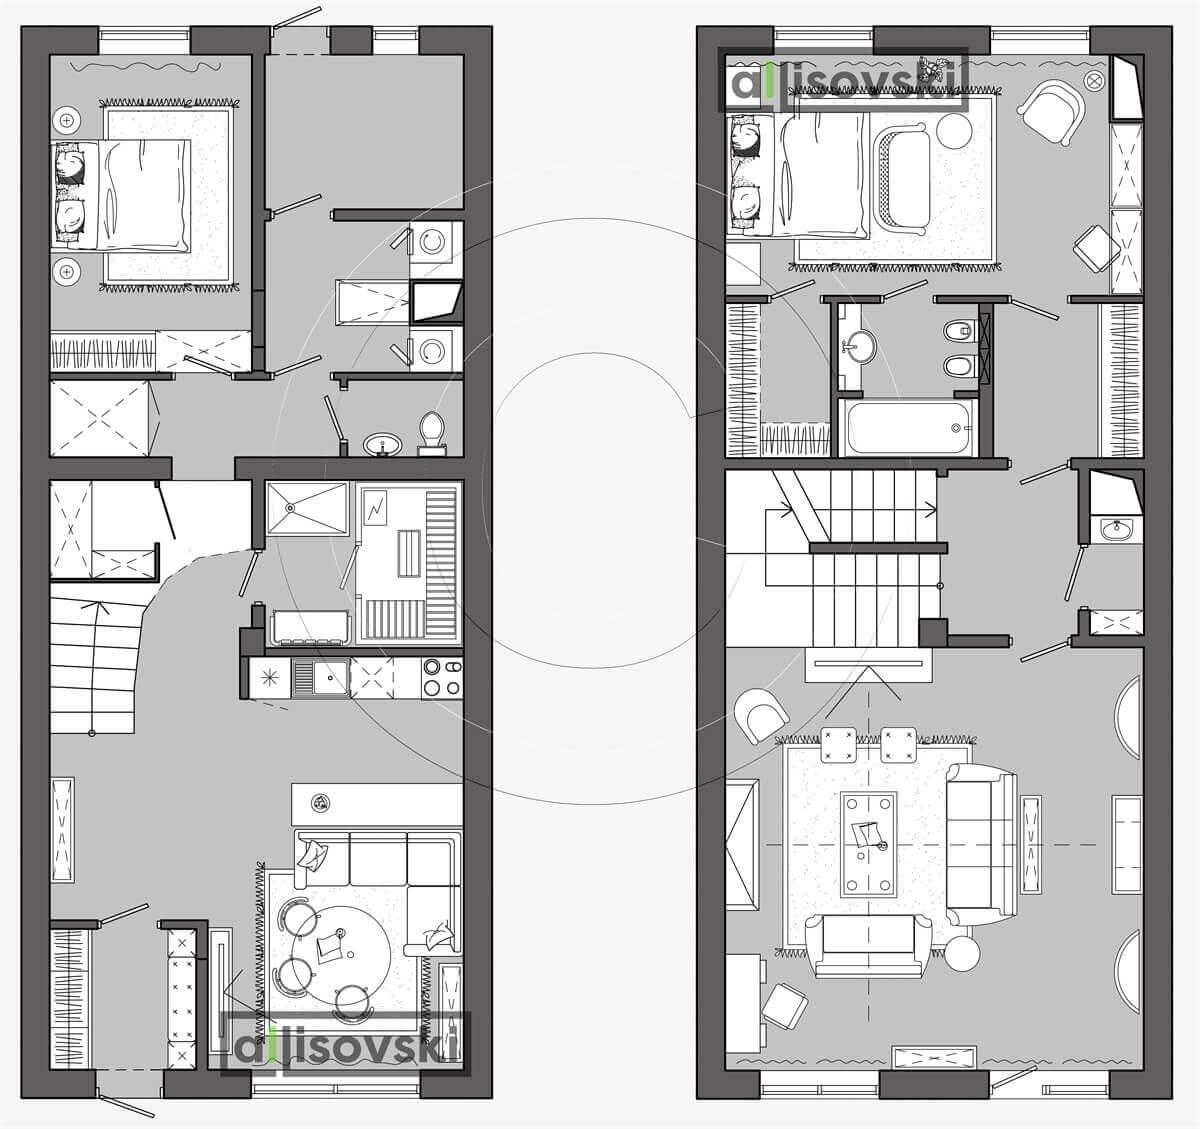 План перепланировка дома расположение мебели планировка чертежи 3